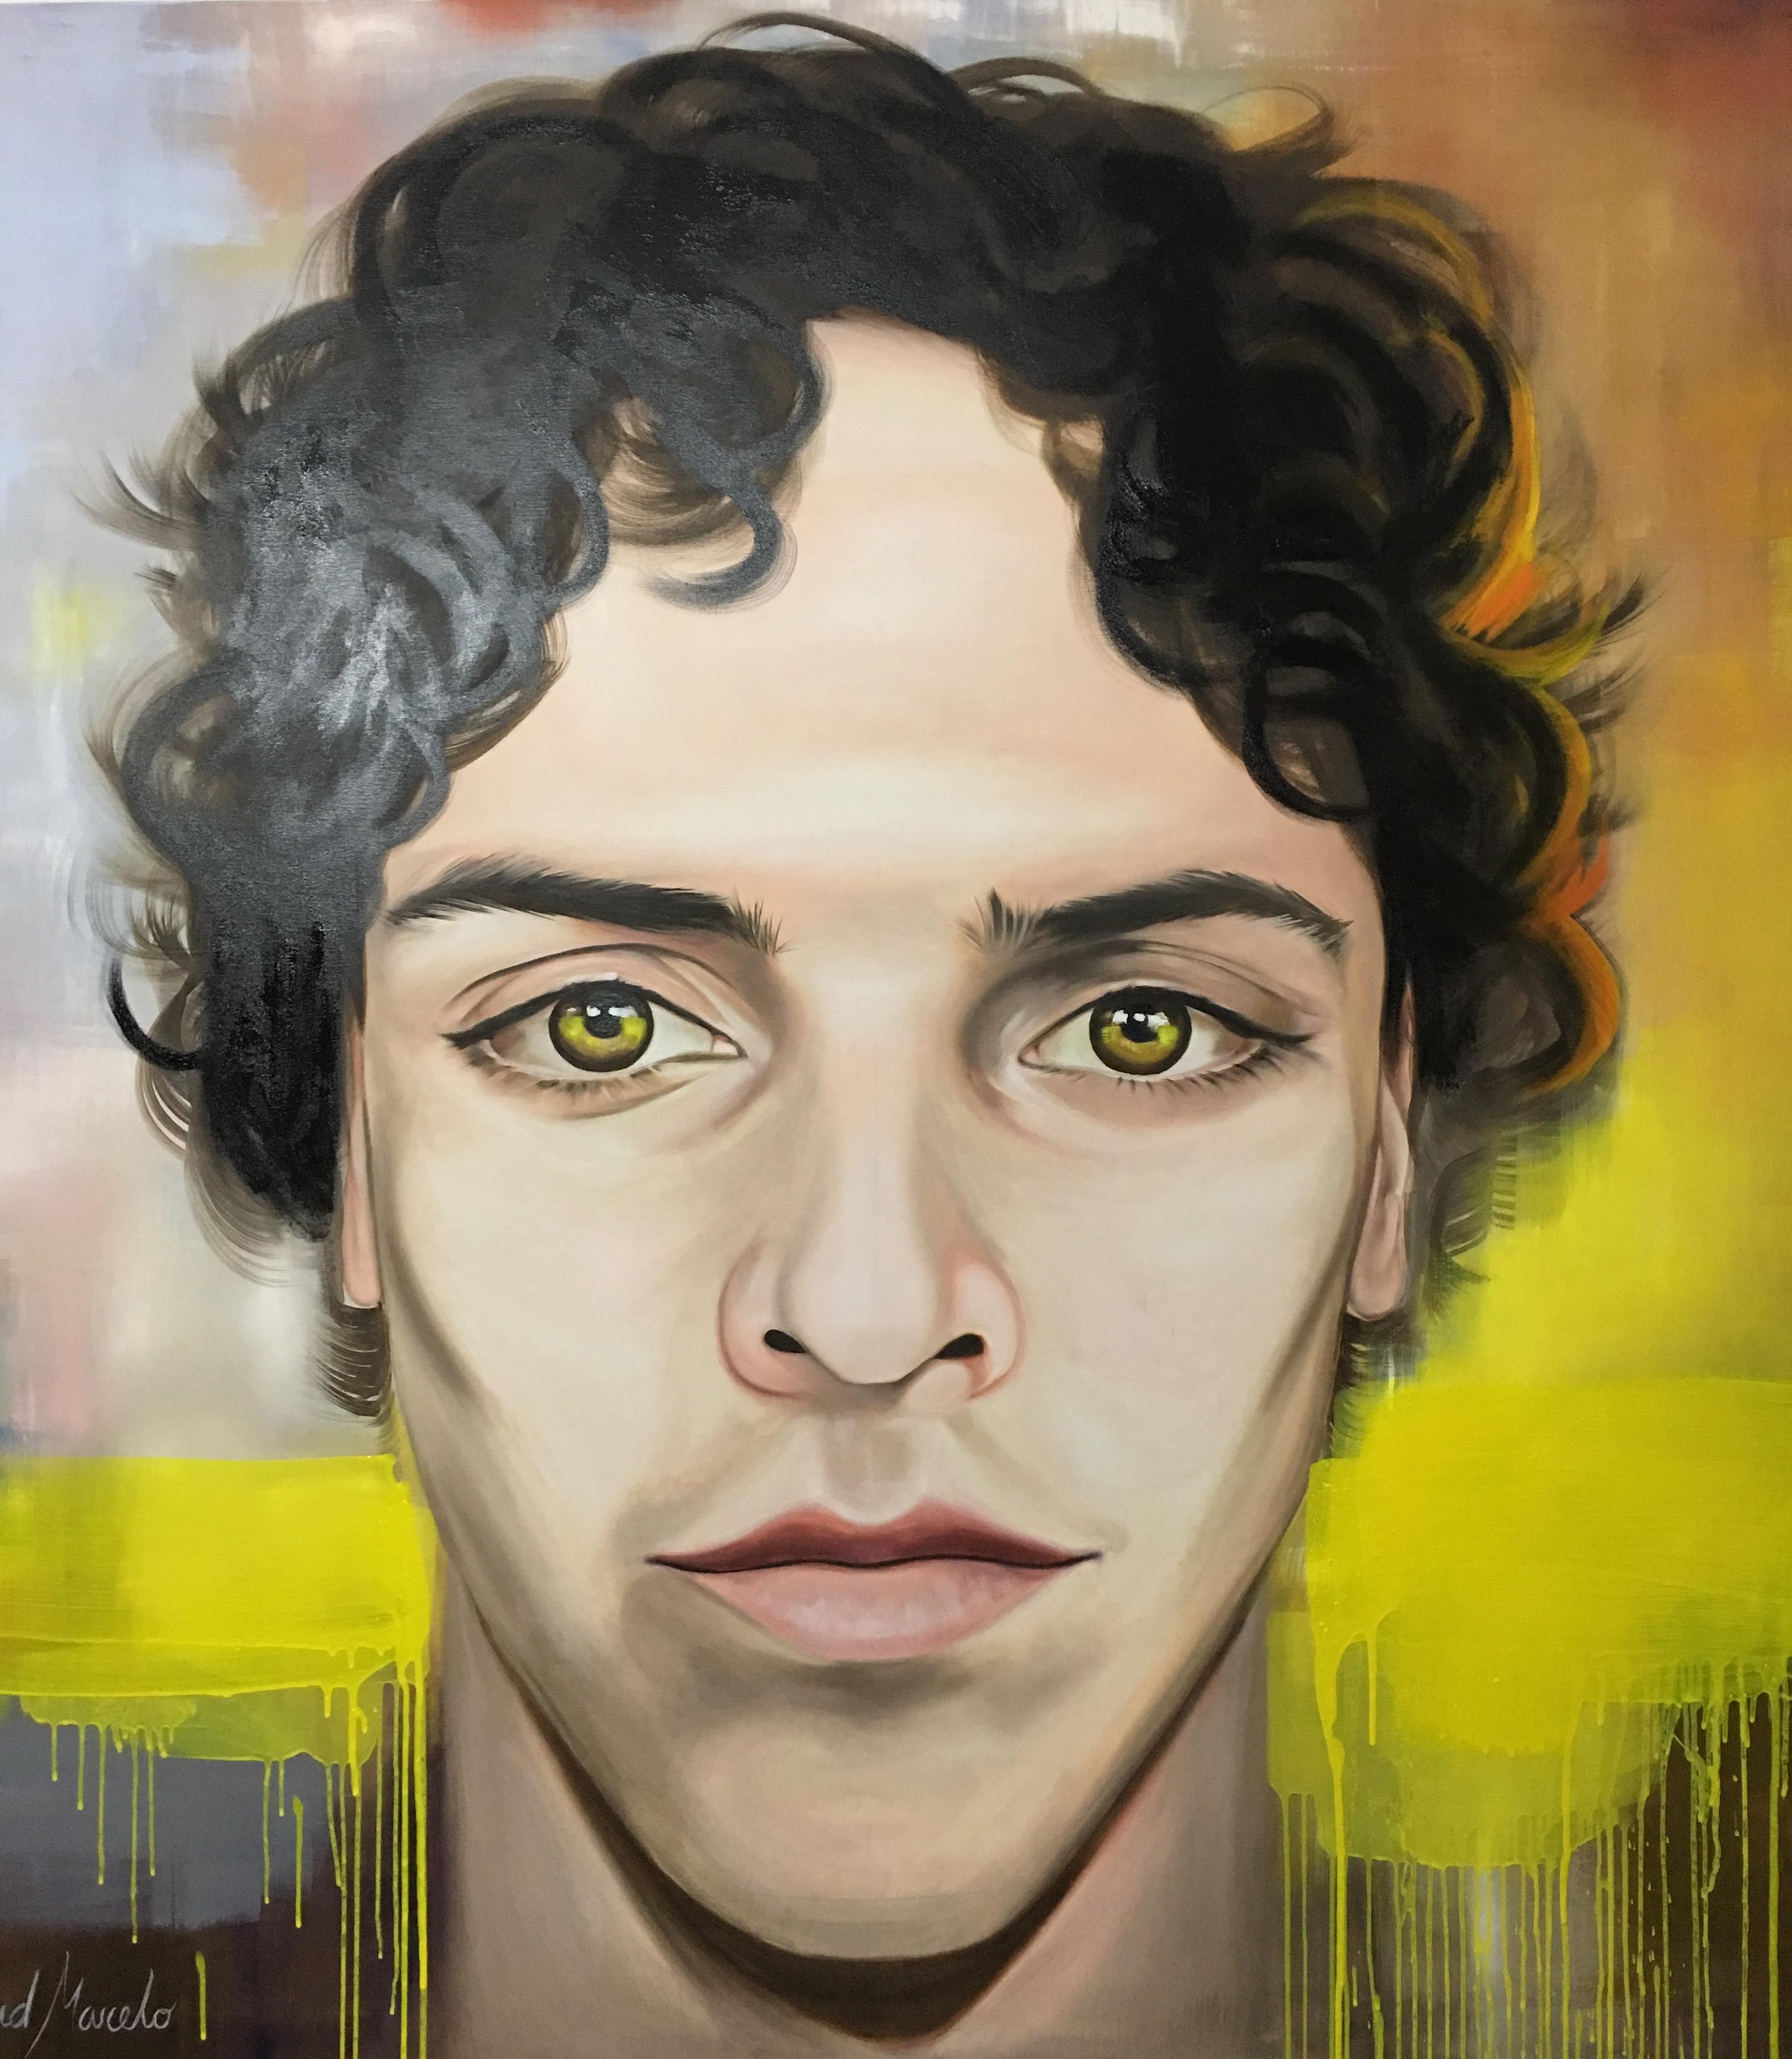 Pintura de Horizonte. Autorretrato de David Marcelo